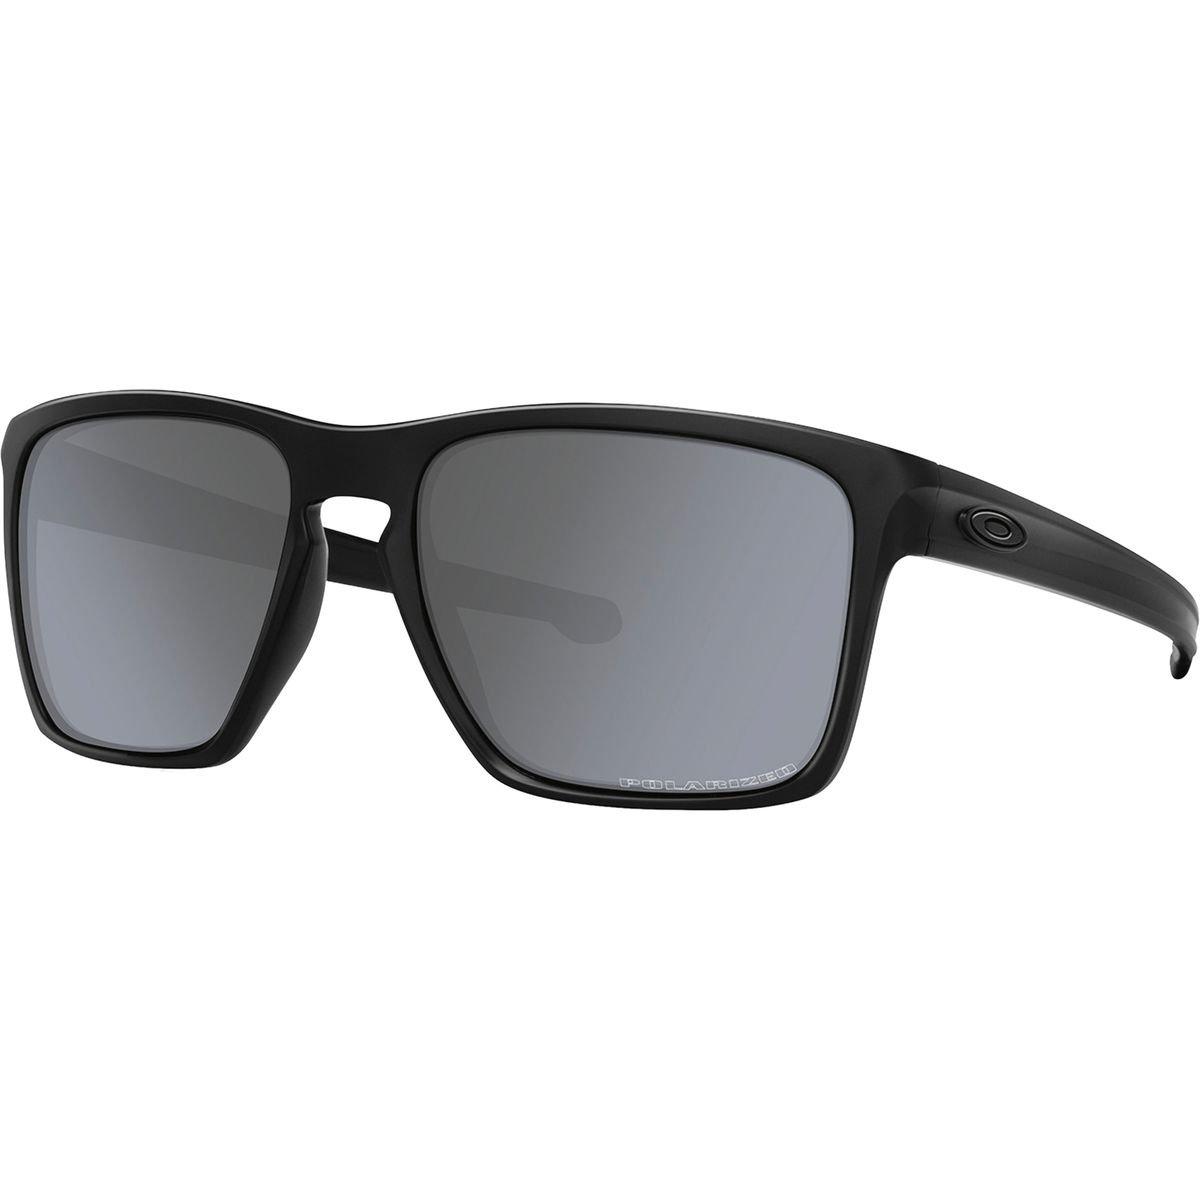 Oakley Sunglasses Sale on Woot!